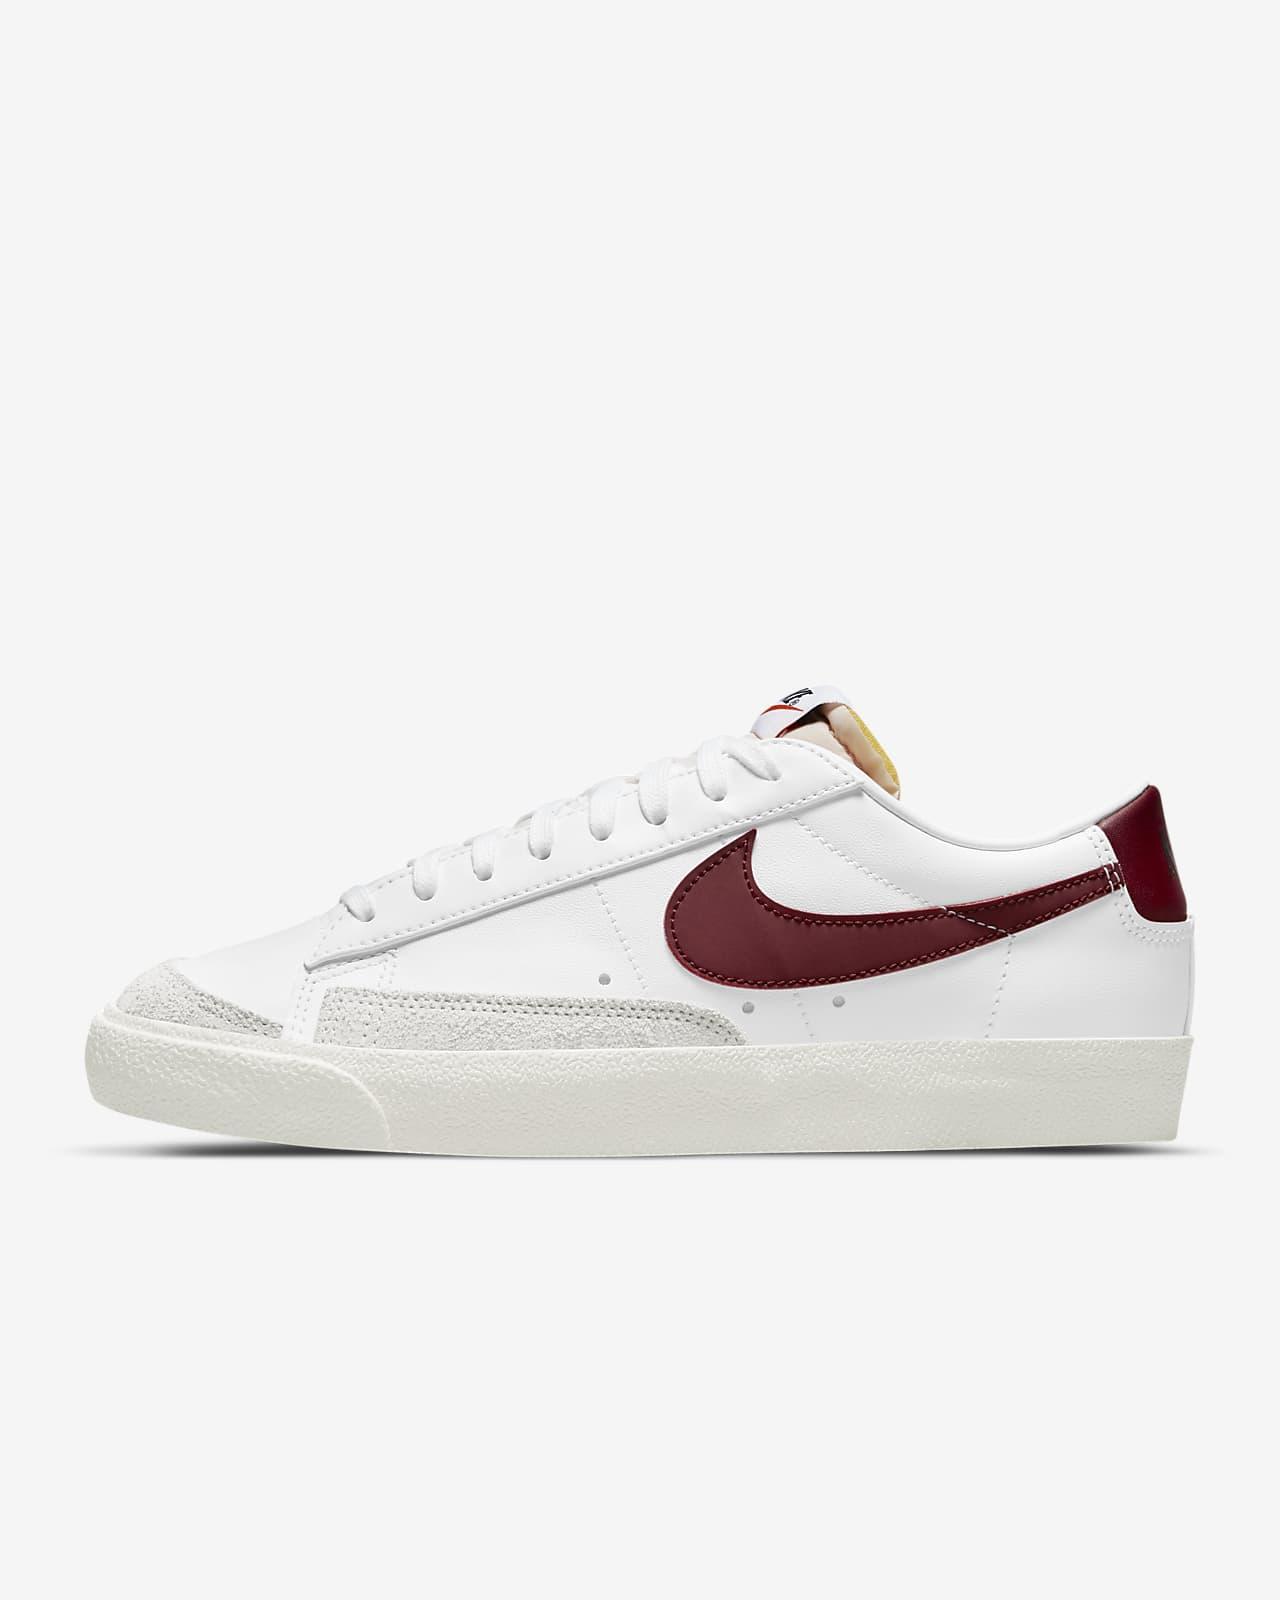 Nike Blazer 低筒 '77 女鞋